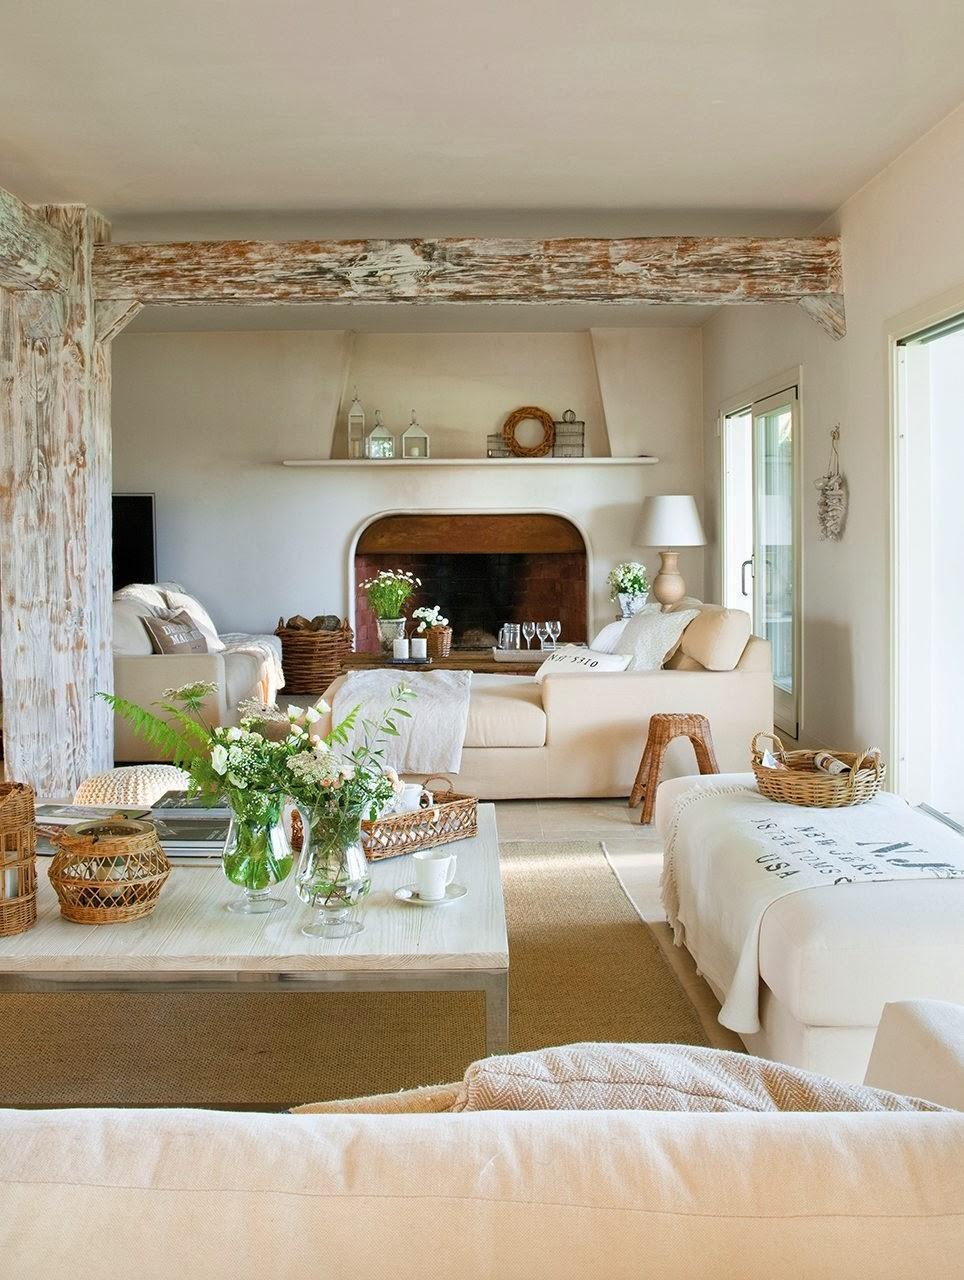 amenajari, interioare, decoratiuni, decor, design interior, living, culori neutre, lemn